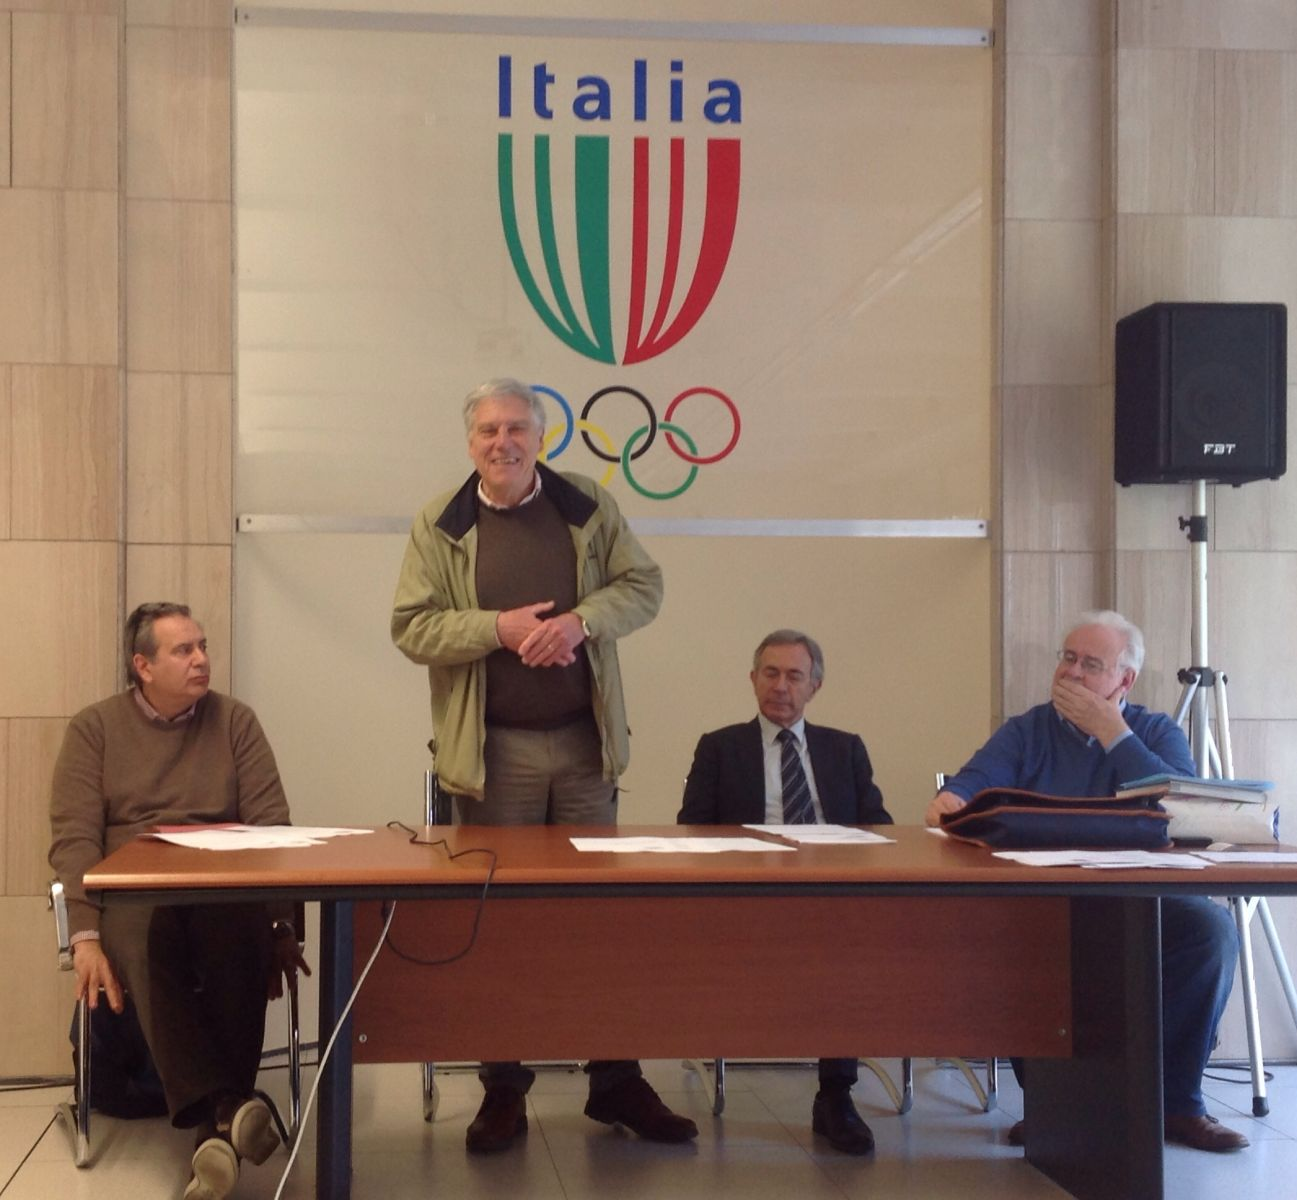 Da sinistra: Tiziano Strinati, Mauro Nasciuti, Vittorio Ottonello e Ottavio Castellini